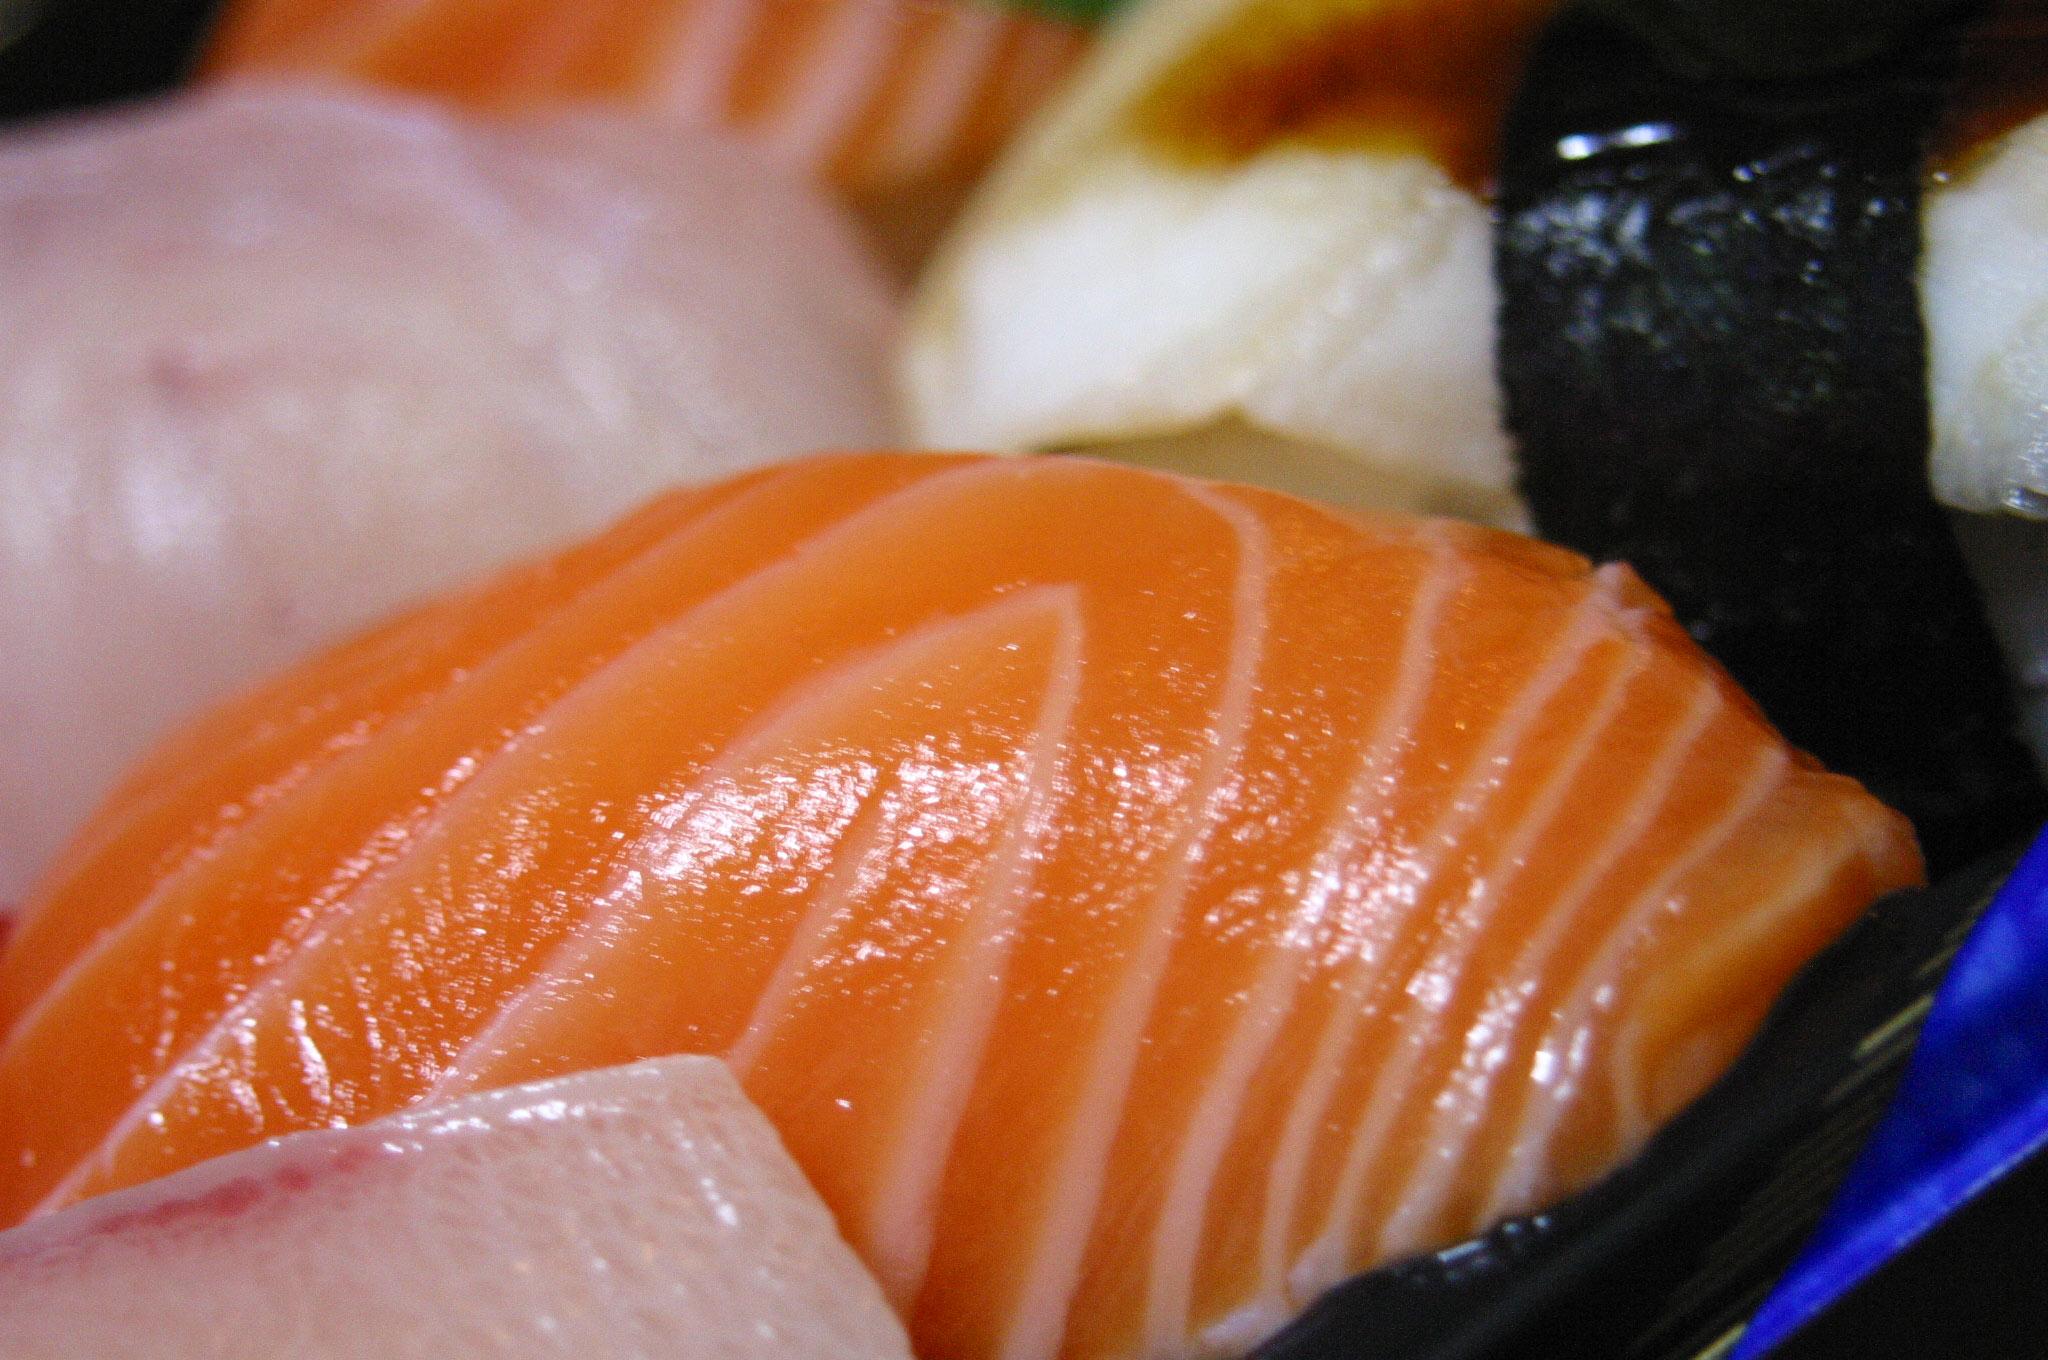 にぎり寿司のサーモン・春日野道向かいの茶月だったかな